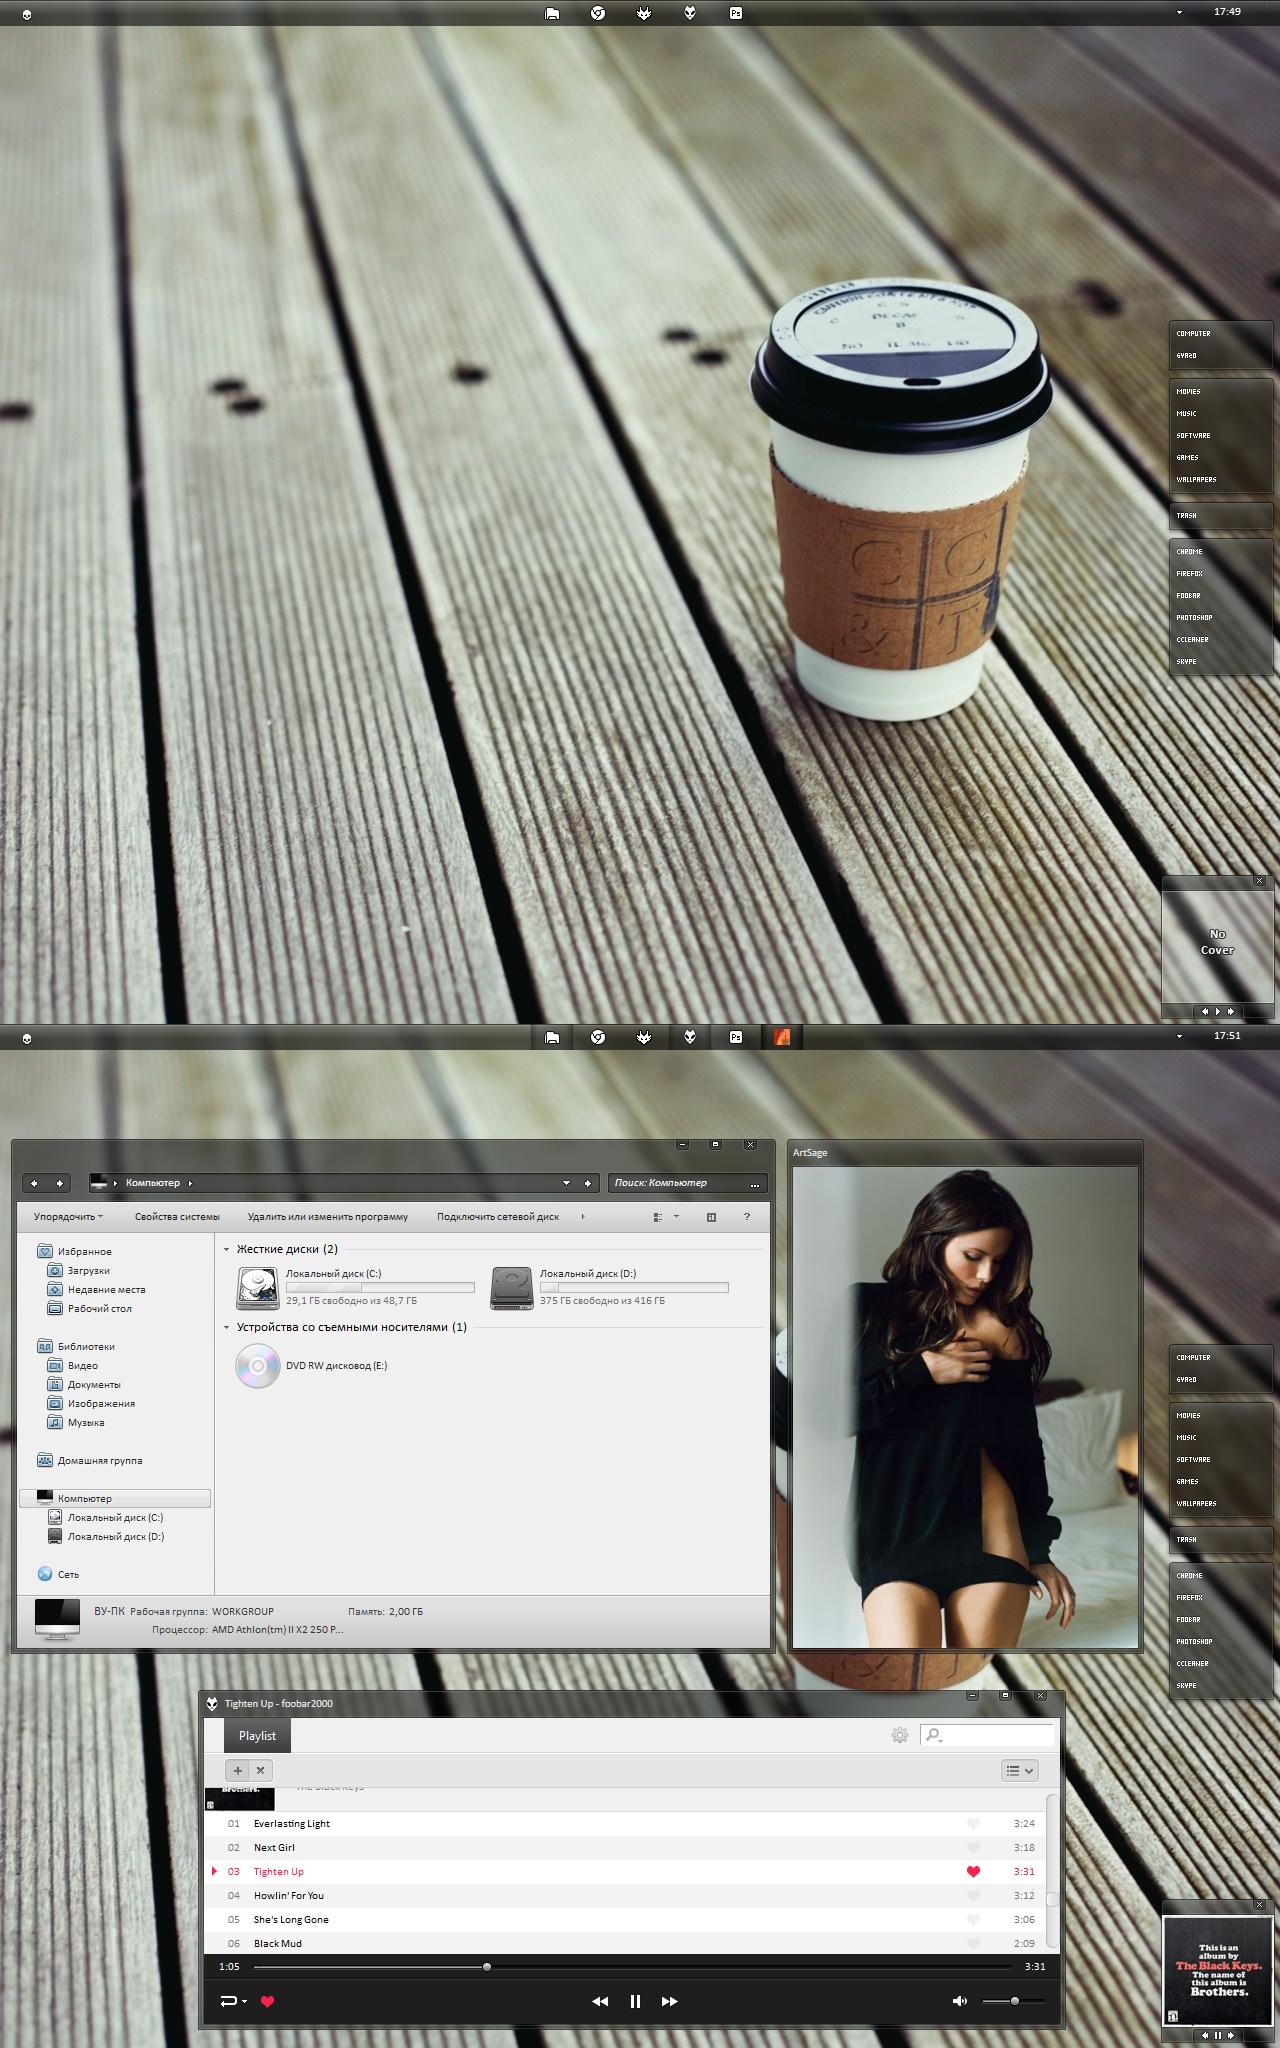 Coffee, Chocolate + Tea by NinjaTong